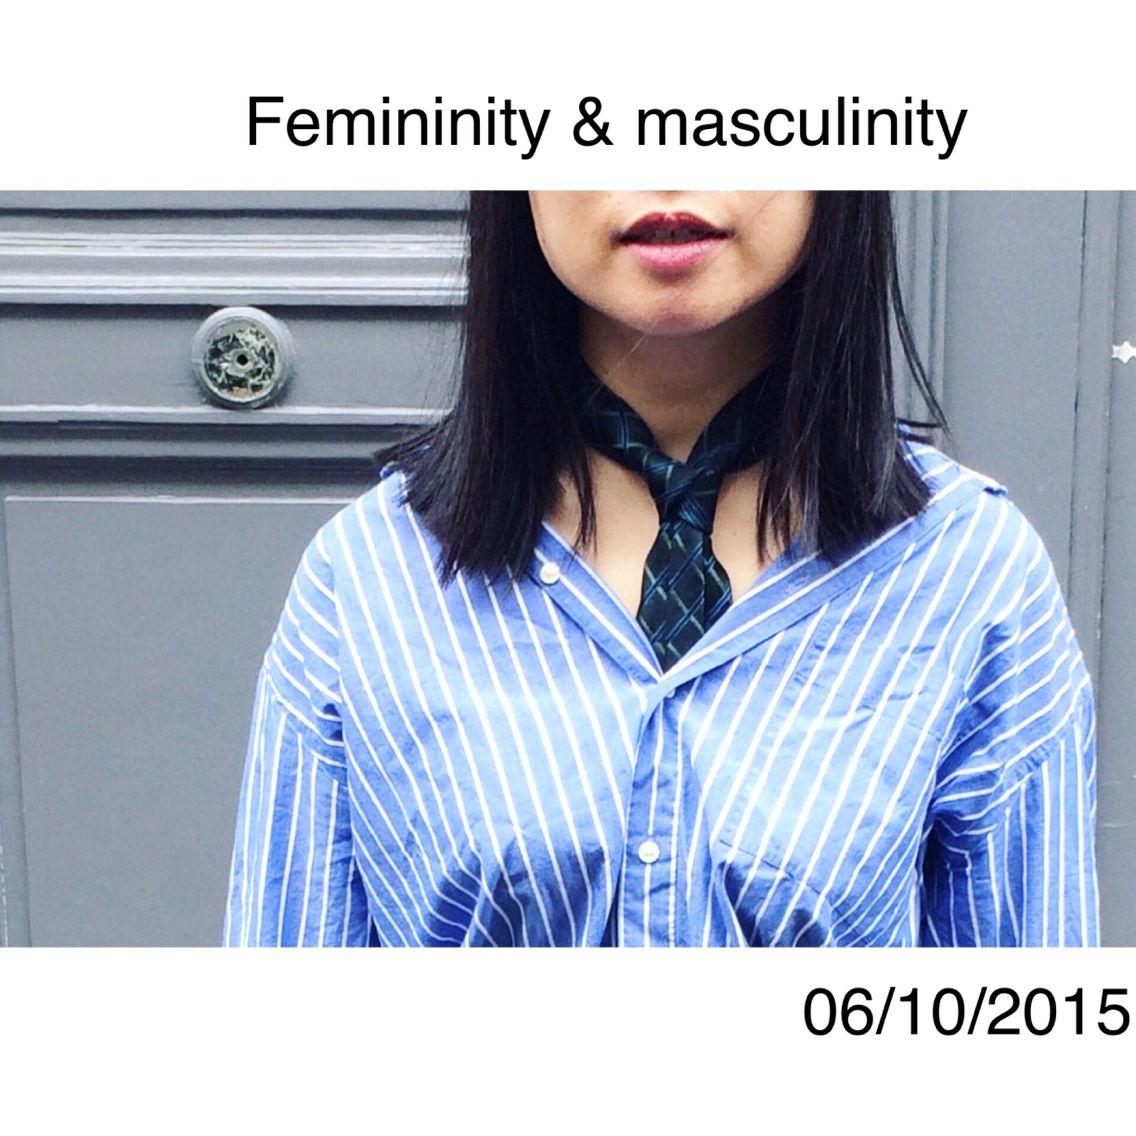 Femininity&masculinity